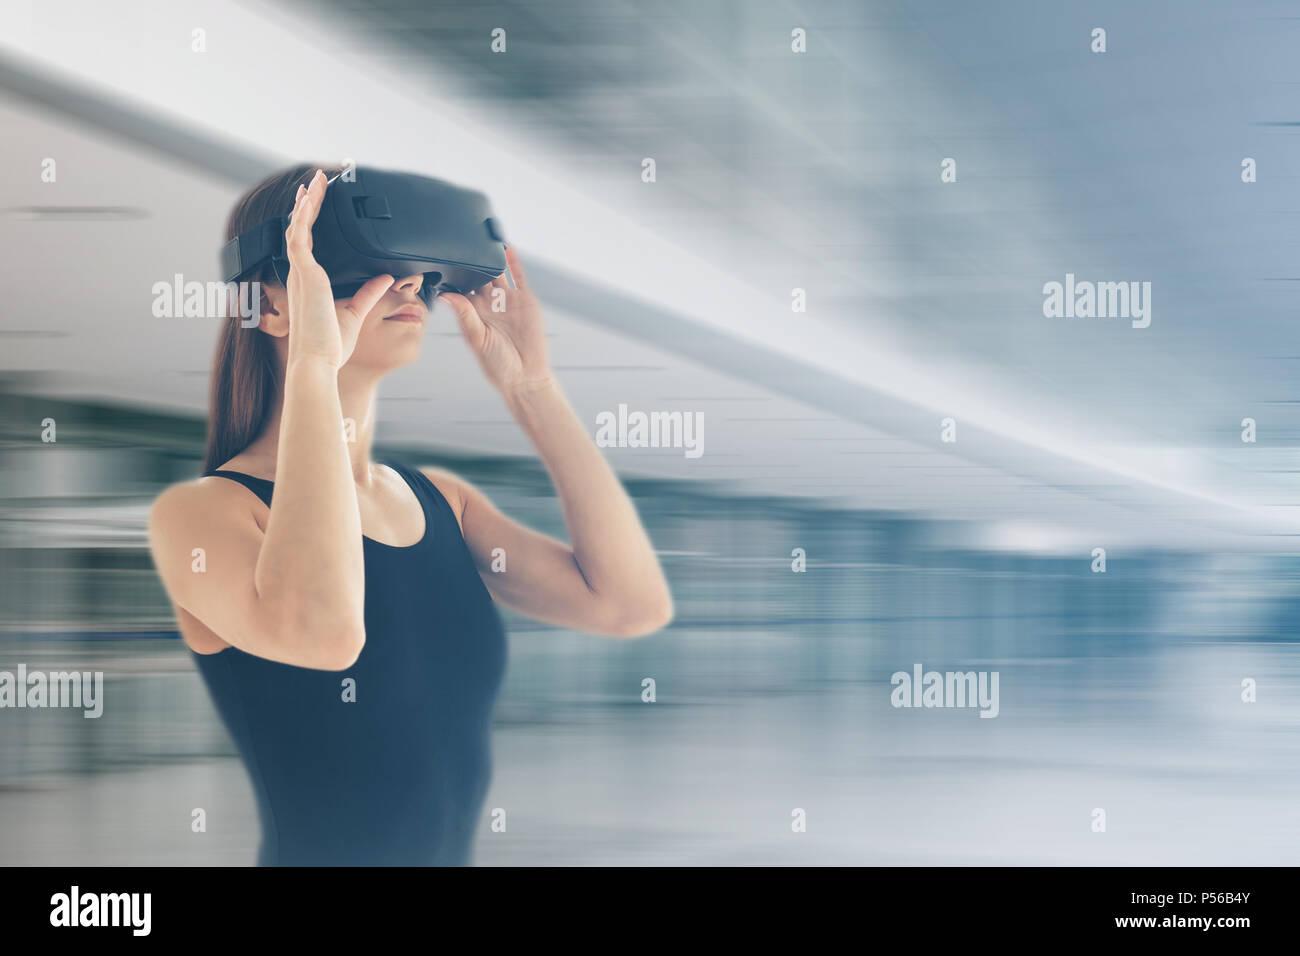 Junge Frau mit Virtual reality Brillen. Technologie der Gegenwart und der Zukunft Stockbild